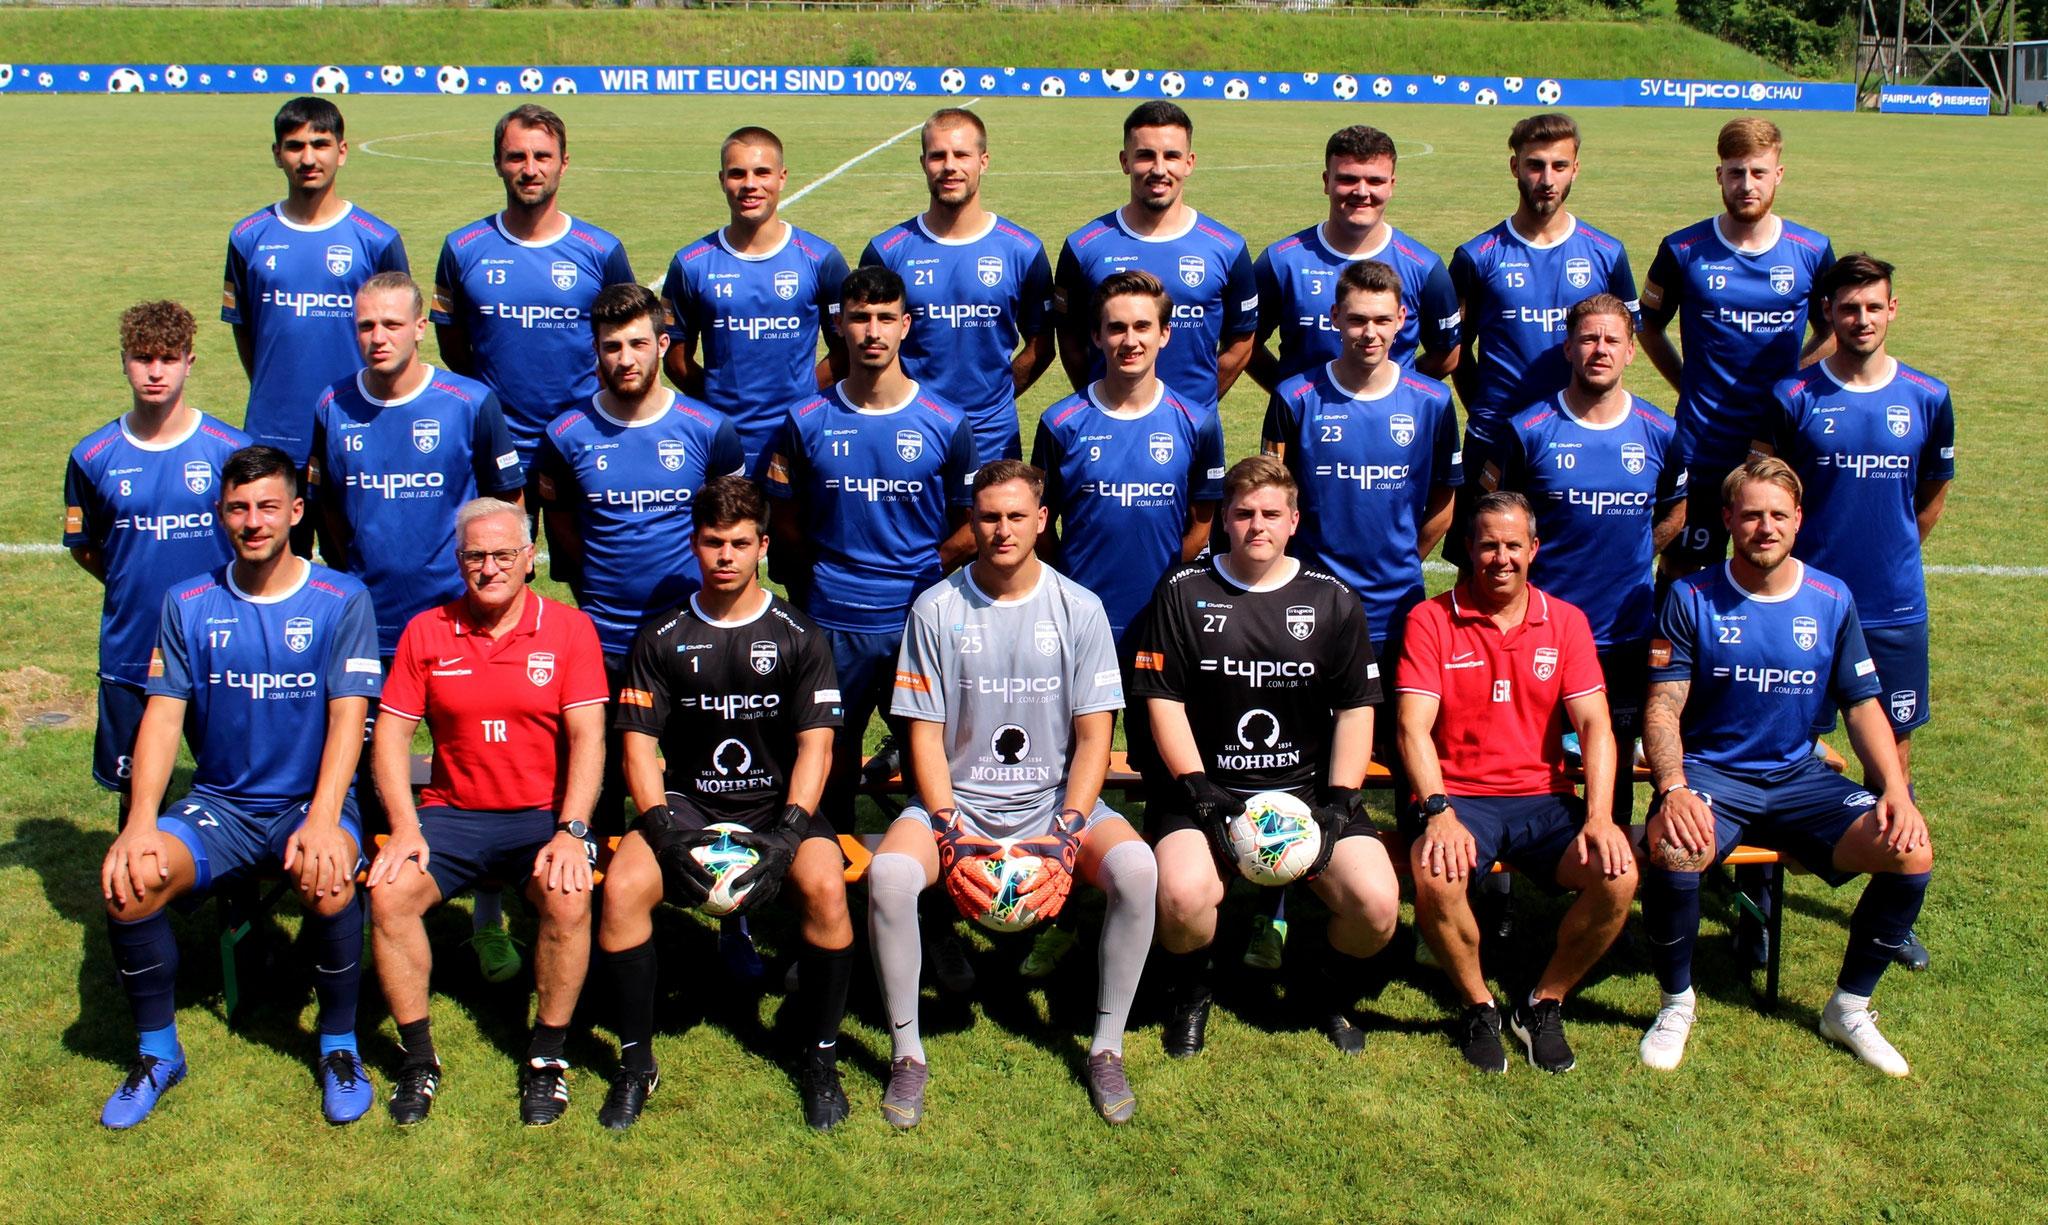 Unsere Mannschaft für die Saison 2020/2021